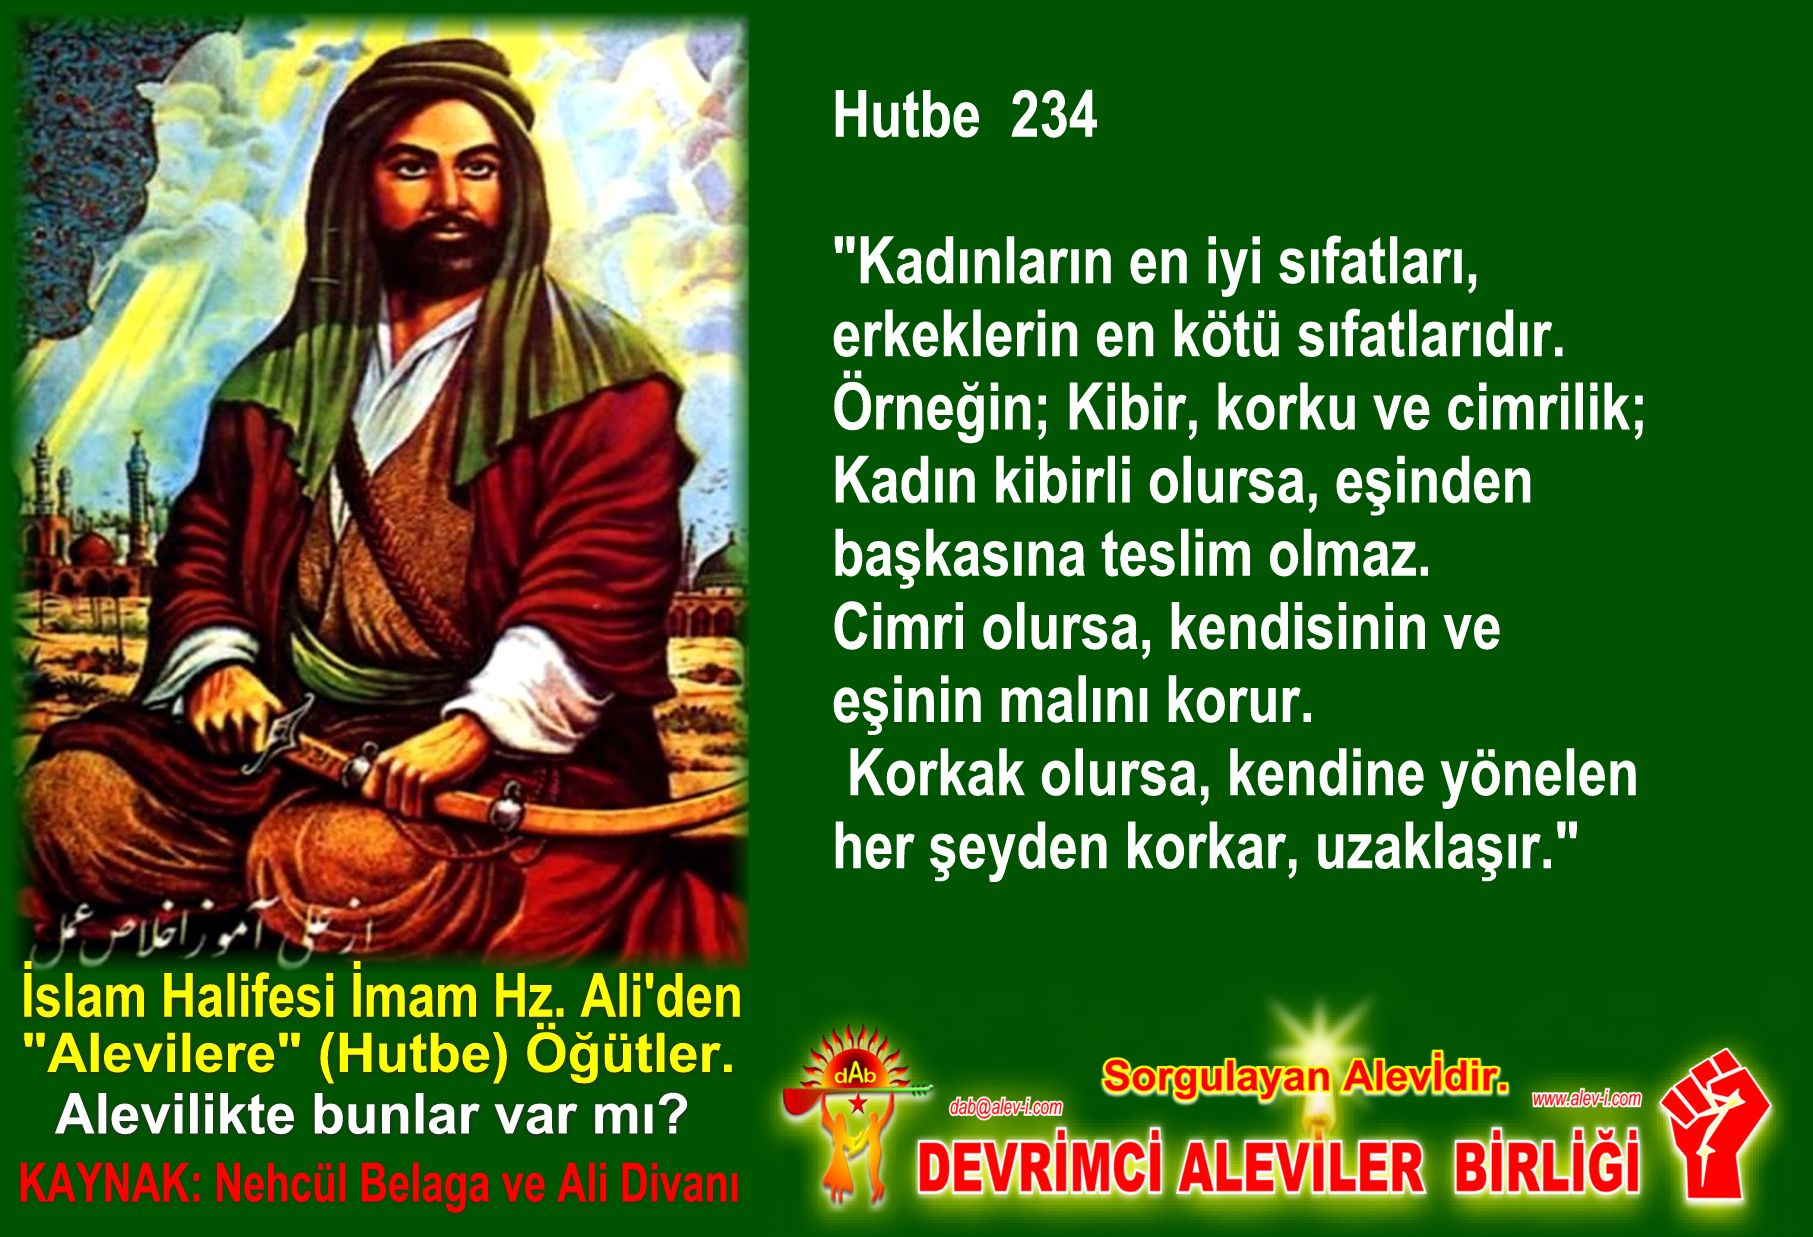 Devrimci Aleviler Birliği DAB Alevi Kızılbaş Bektaşi pir sultan cem hz Ali 12 imam semah Feramuz Şah Acar halife imam hz ali den hutbe ogut inciler 8